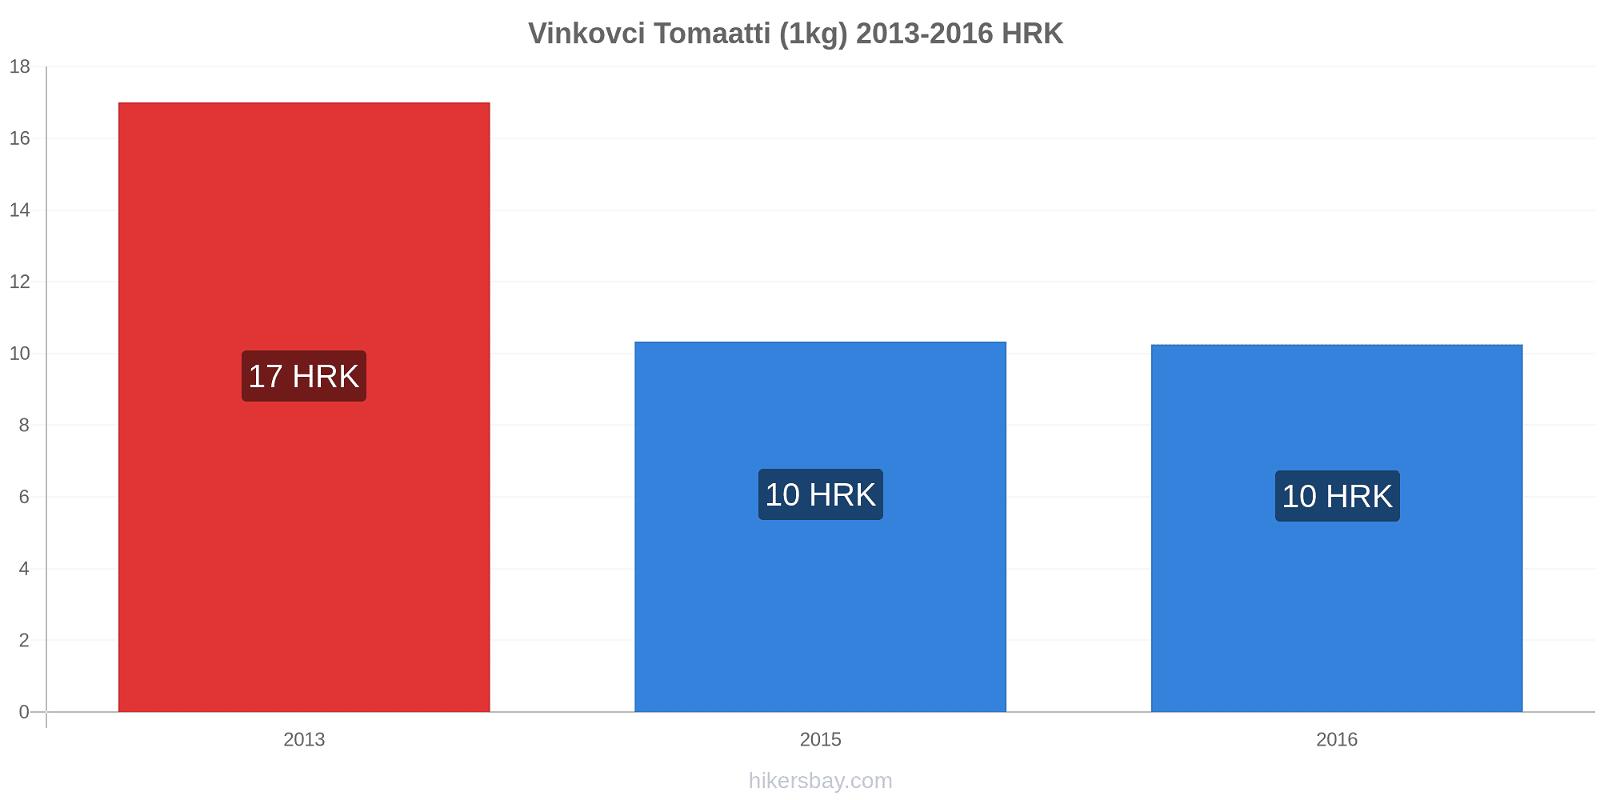 Vinkovci hintojen muutokset Tomaatti (1kg) hikersbay.com